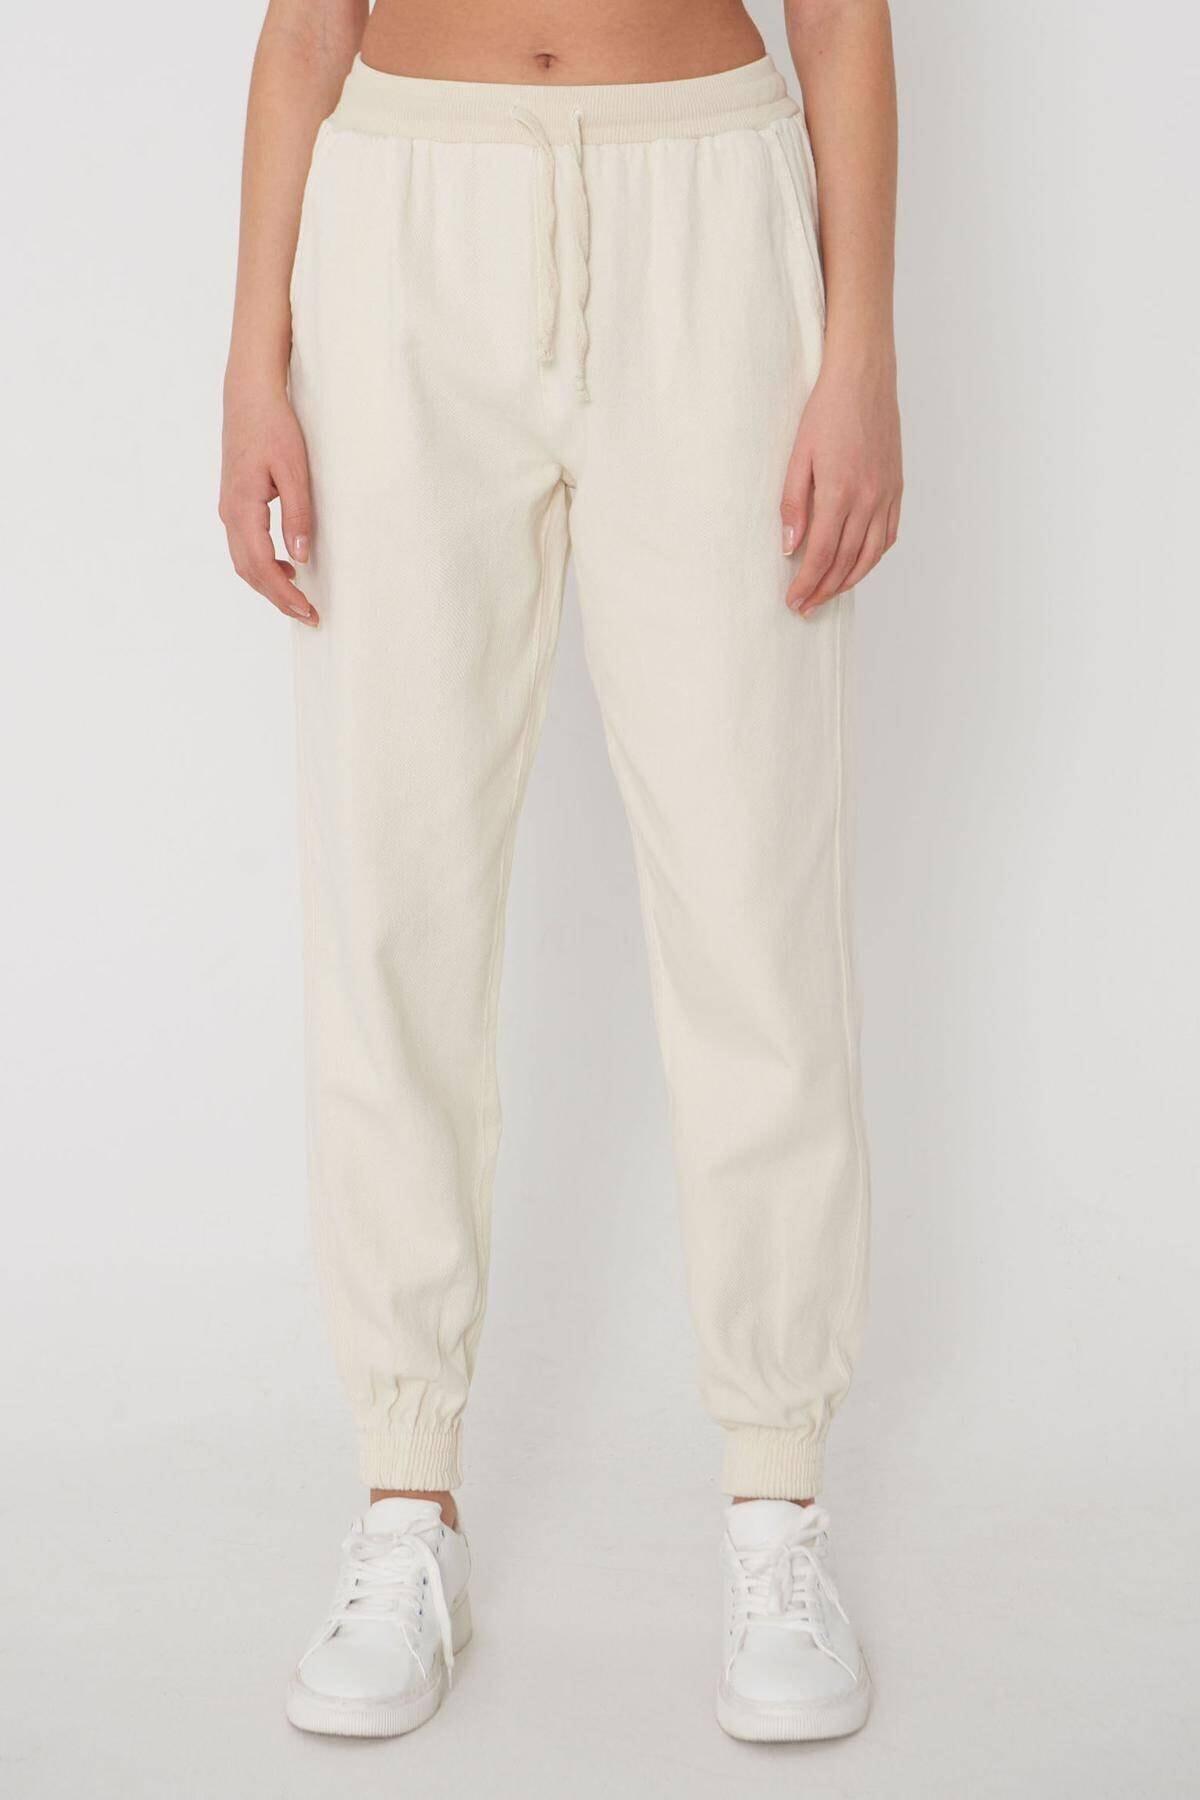 Addax Paçası Lastikli Pantolon Pn01-072 - W3 3